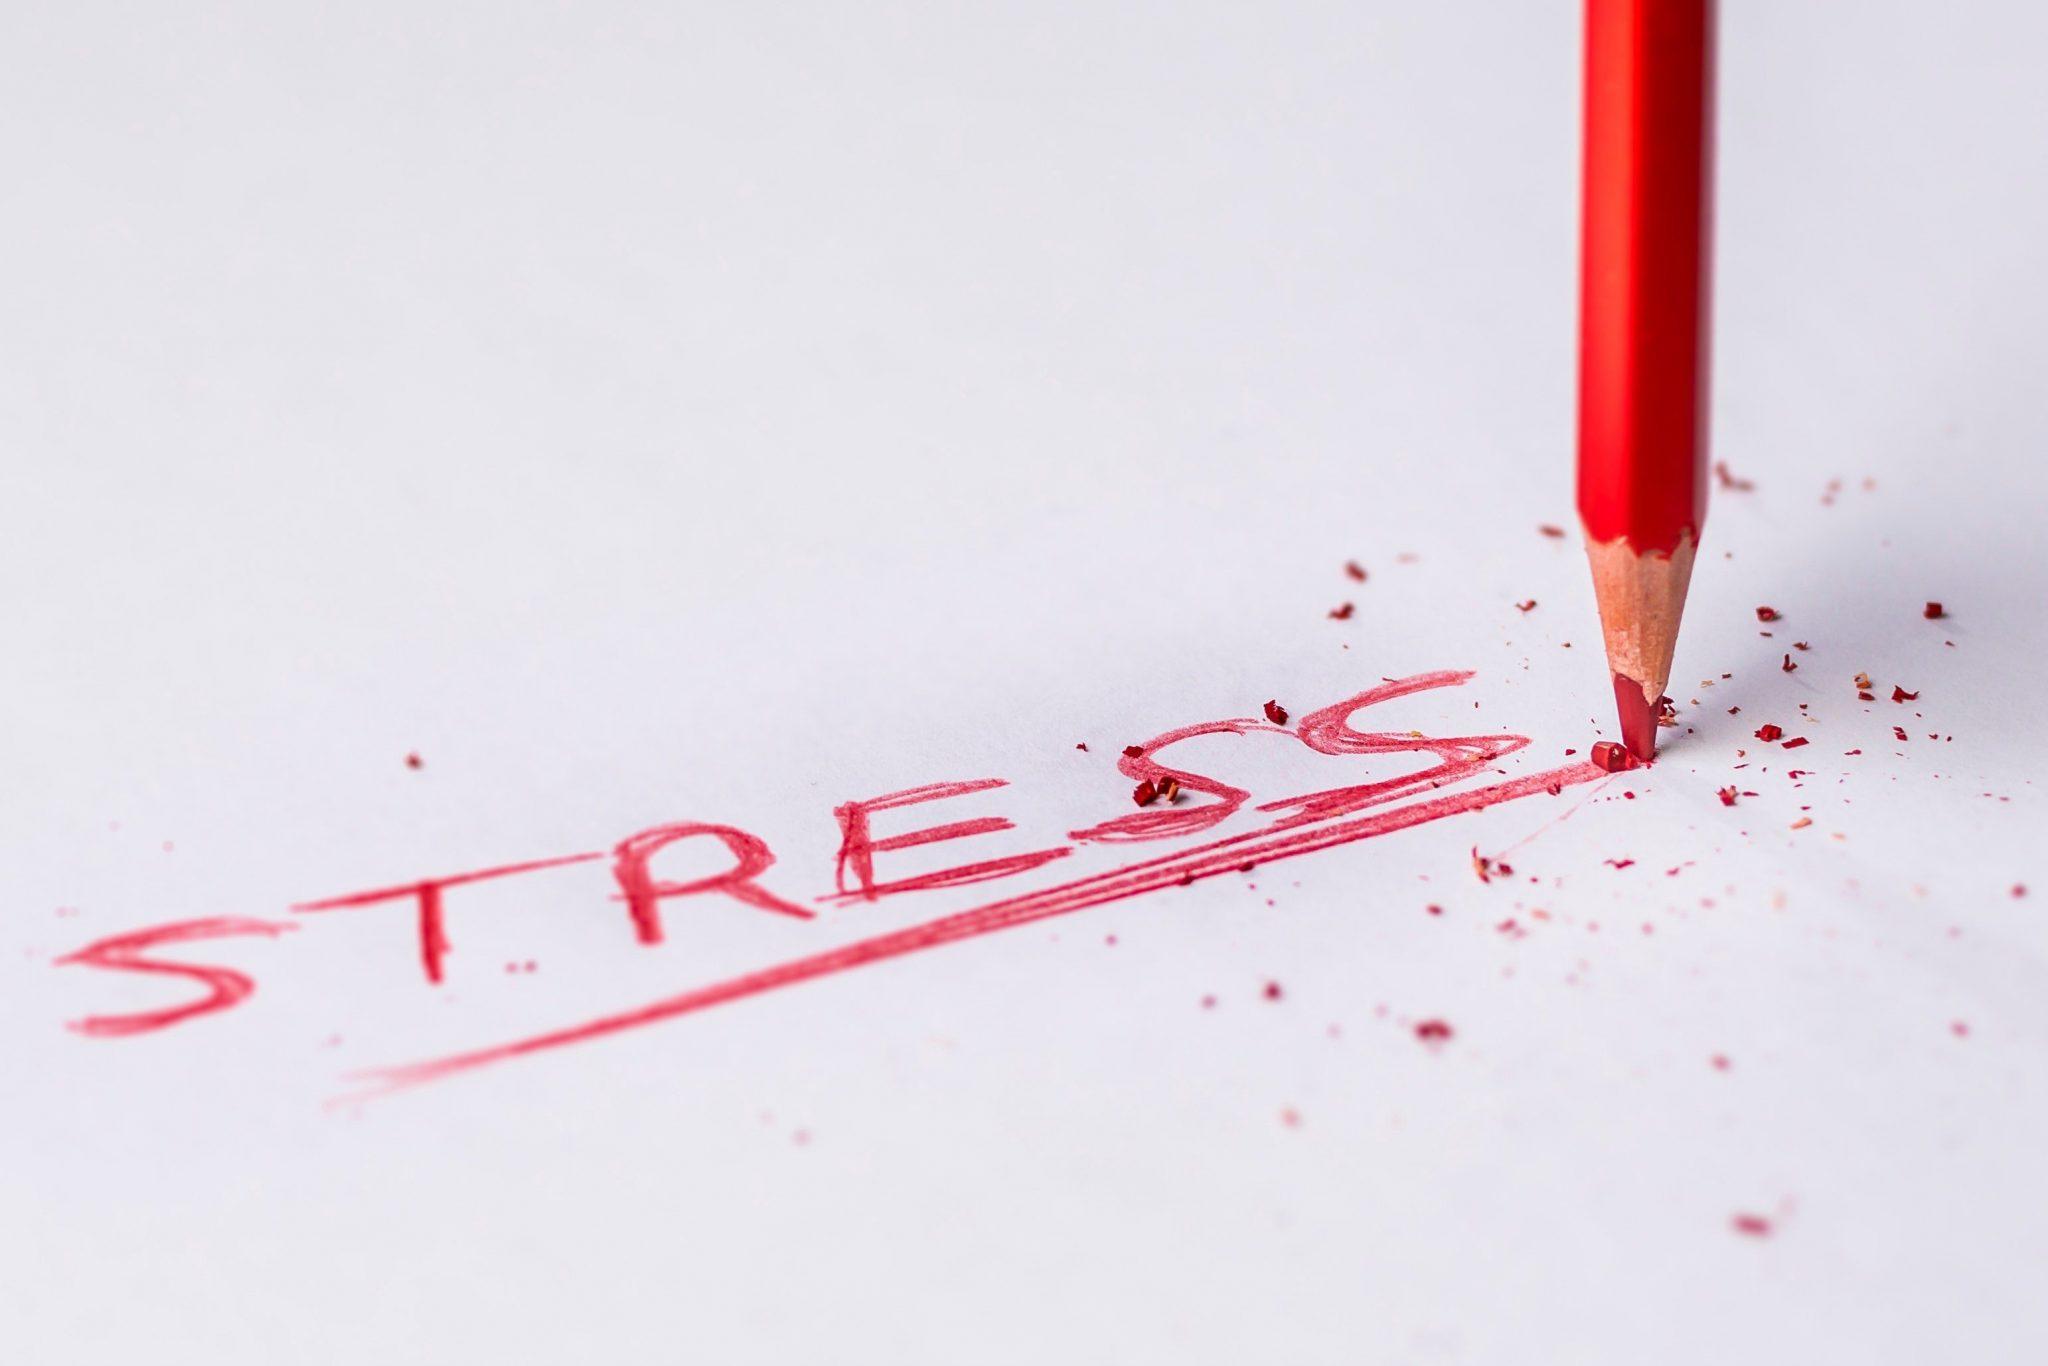 Как стресс влияет на ваше тело, и простые методы снижения стресса и развития большей устойчивости